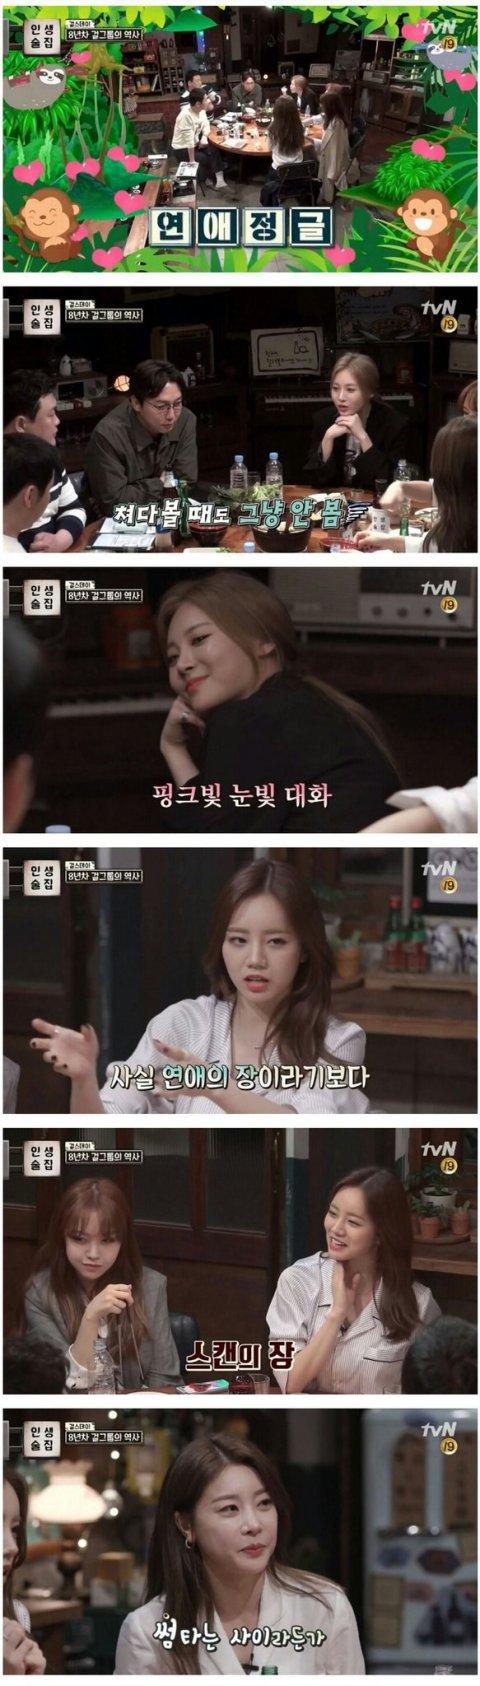 Idol dating netizenbuzzHvorfor er radiometrisk dating upålitelig